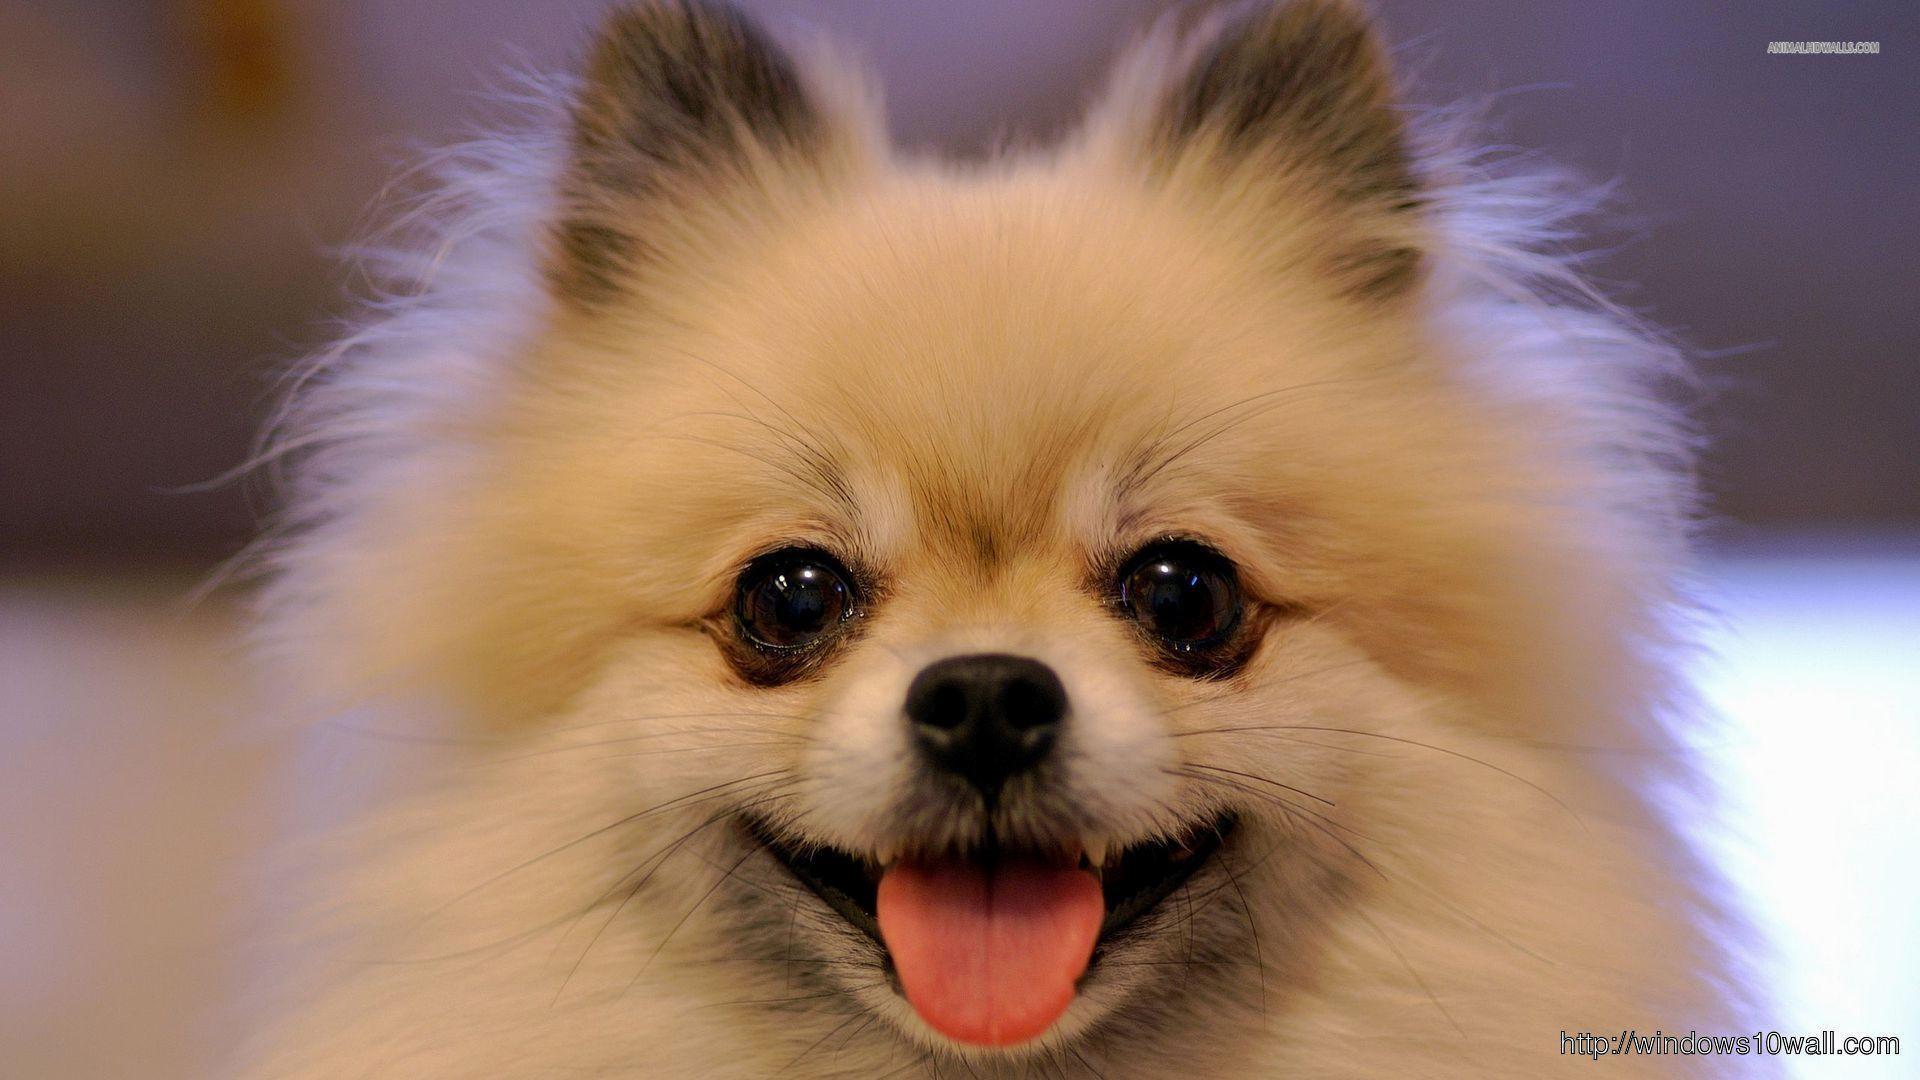 Cute-Chihuahua-HD-Desktop-WideScreen-1920%C3%971080-